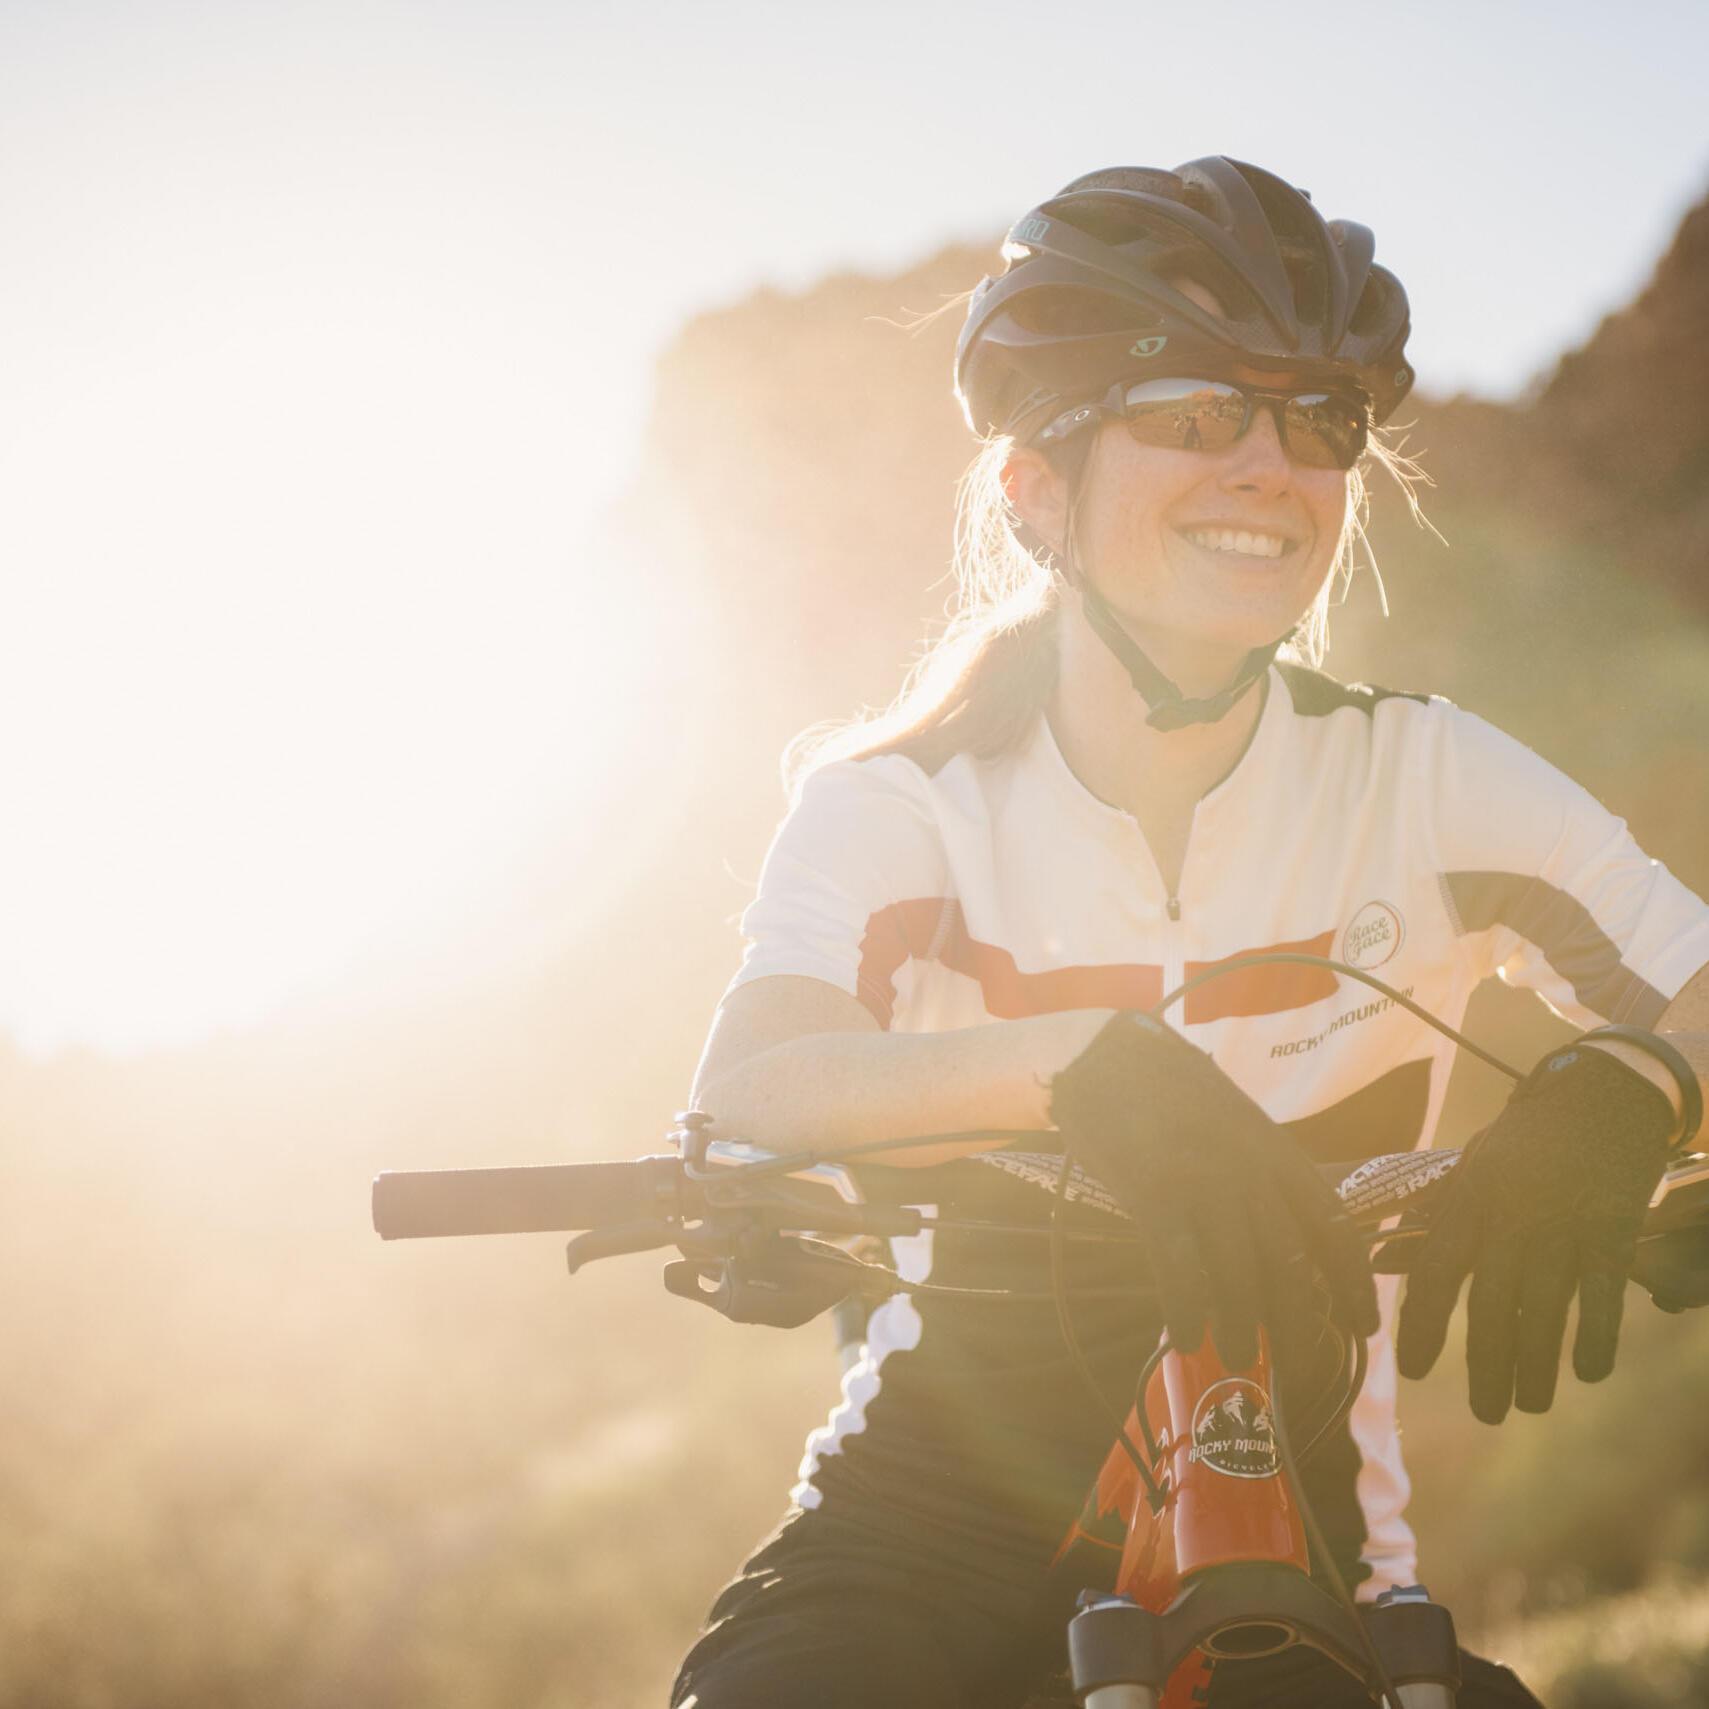 female mtn biker